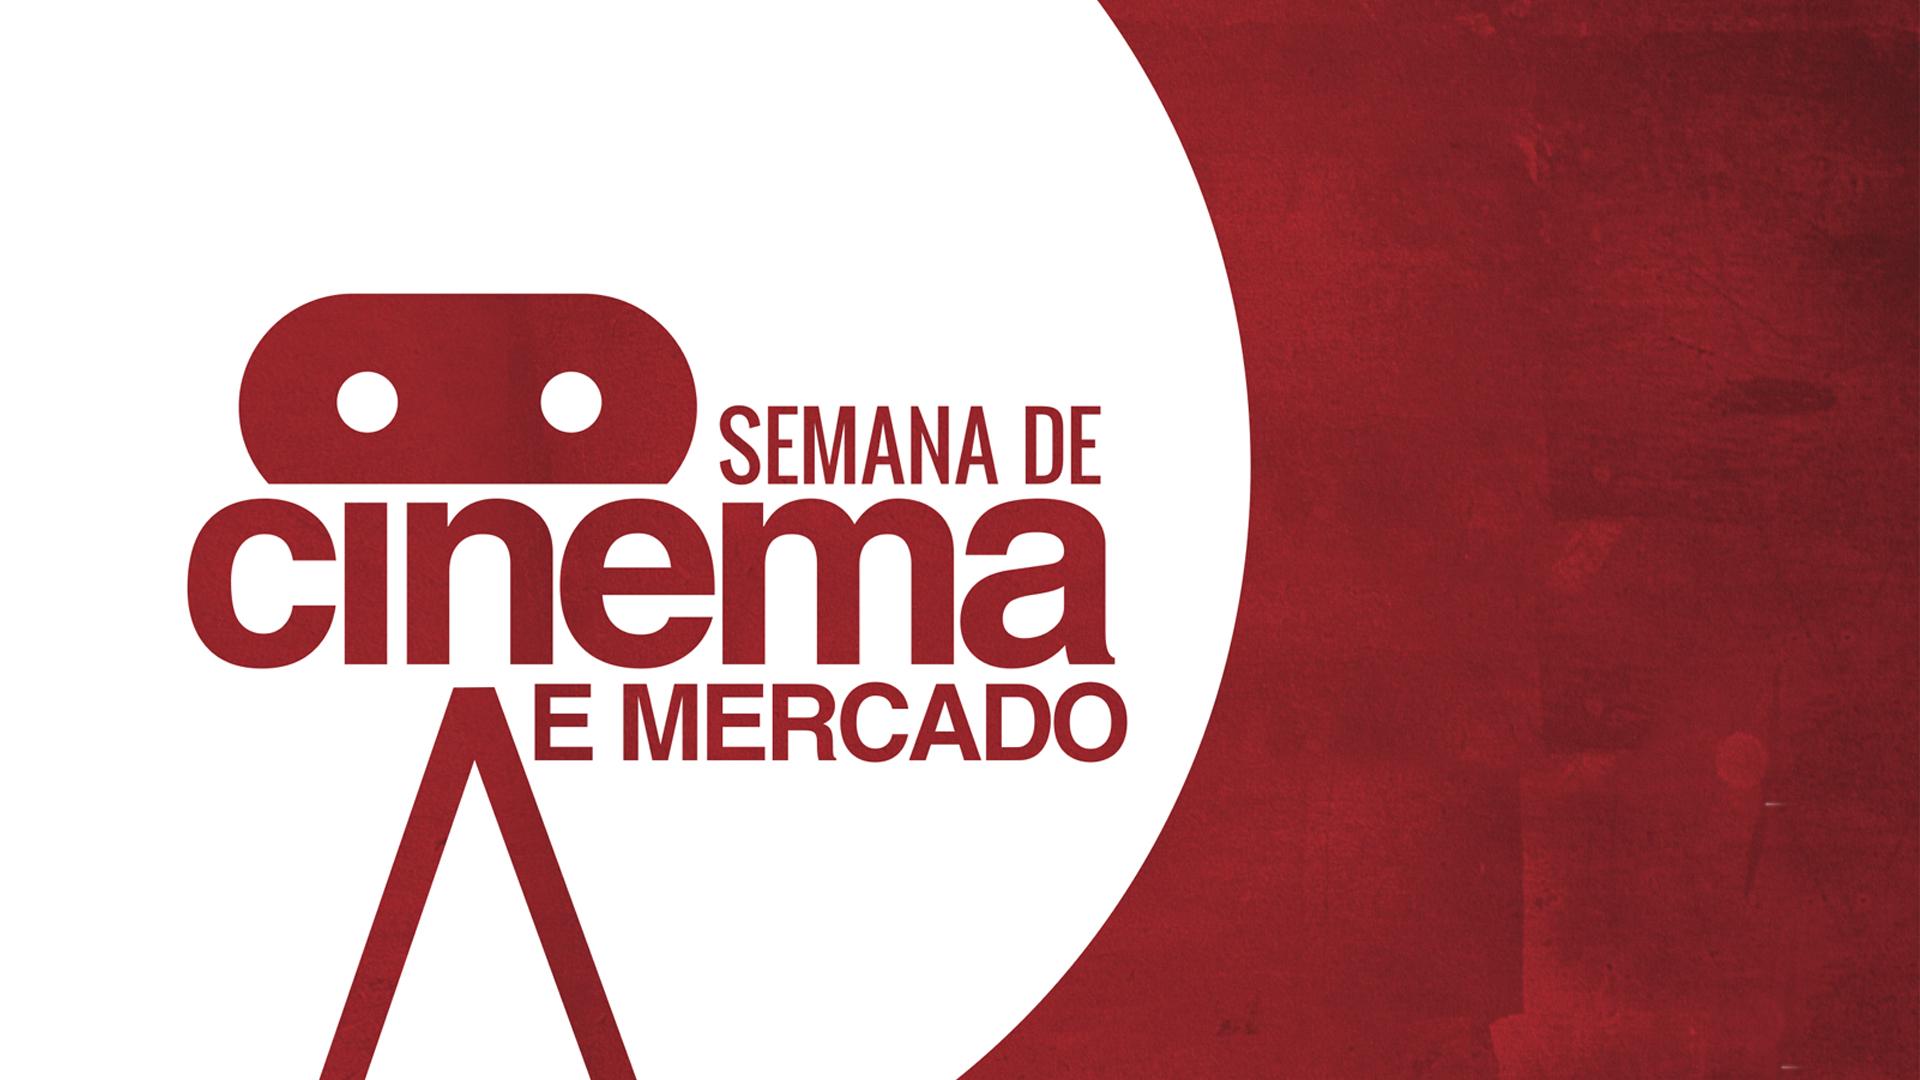 Semana de Cinema e Mercado 2017